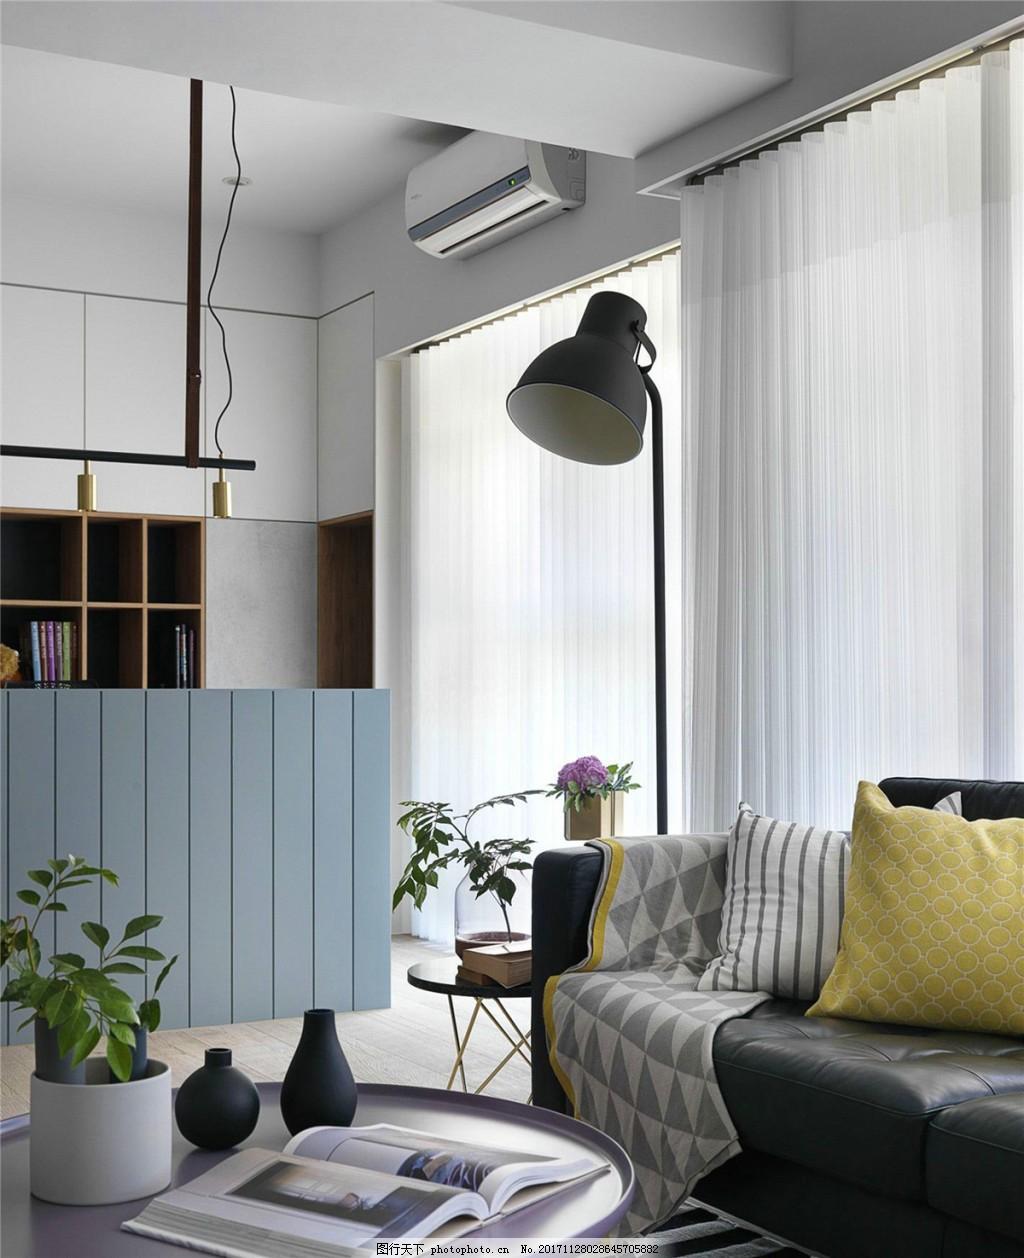 简约时尚客厅圆形茶几装修效果图 米色地板砖 灰色窗帘 落地窗 台灯